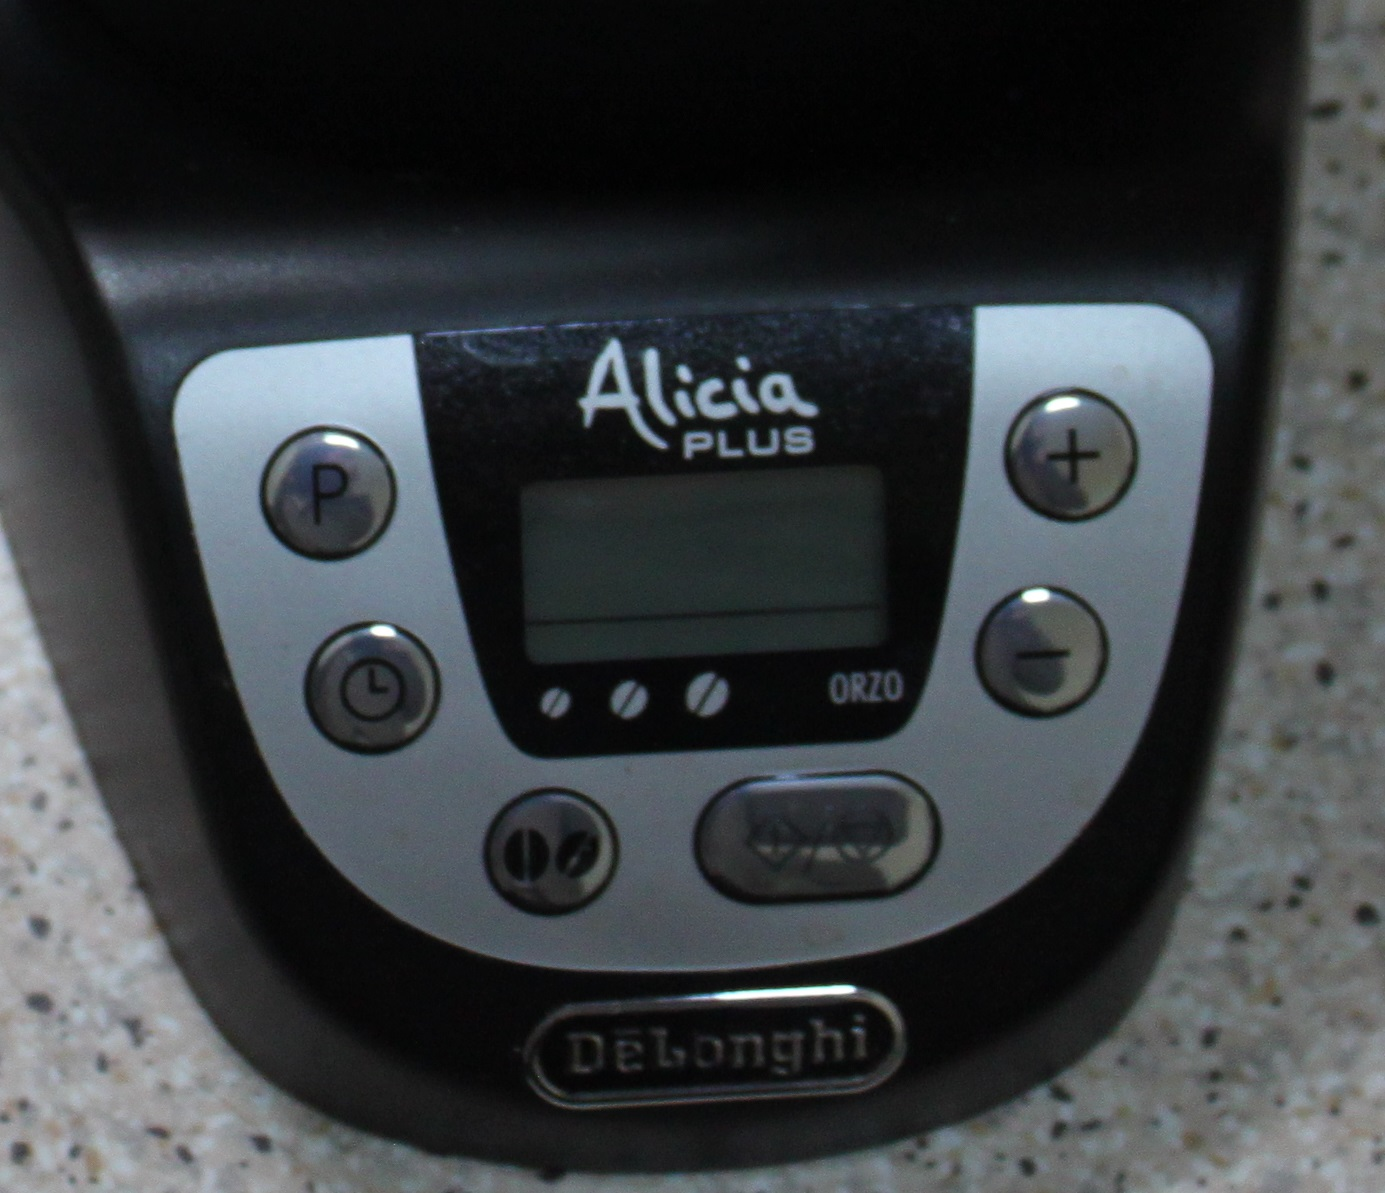 панель управления кофеварки DELONGHI Alicia Plus EMKP 63